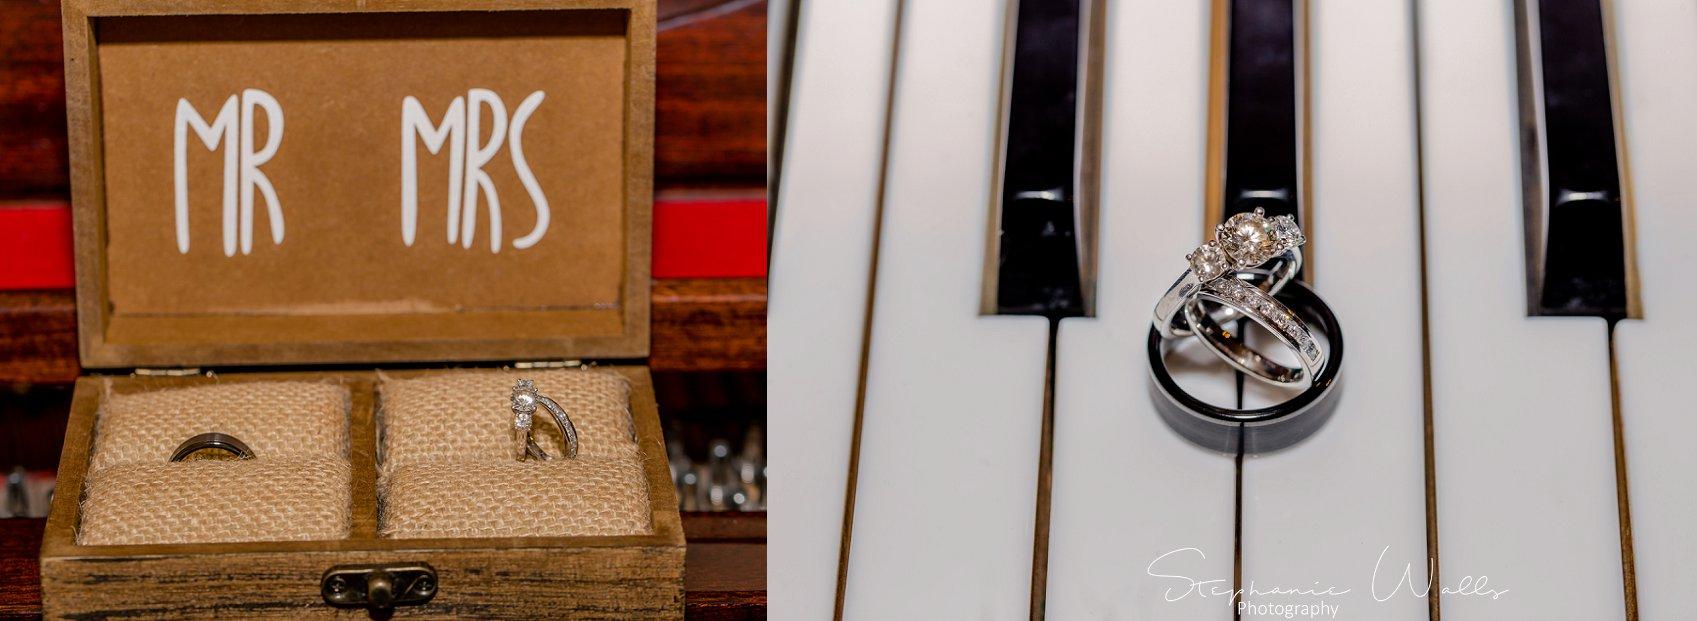 Olson Details 037 KK & Zack | Hollywood Schoolhouse Wedding | Woodinville, Wa Wedding Photographer